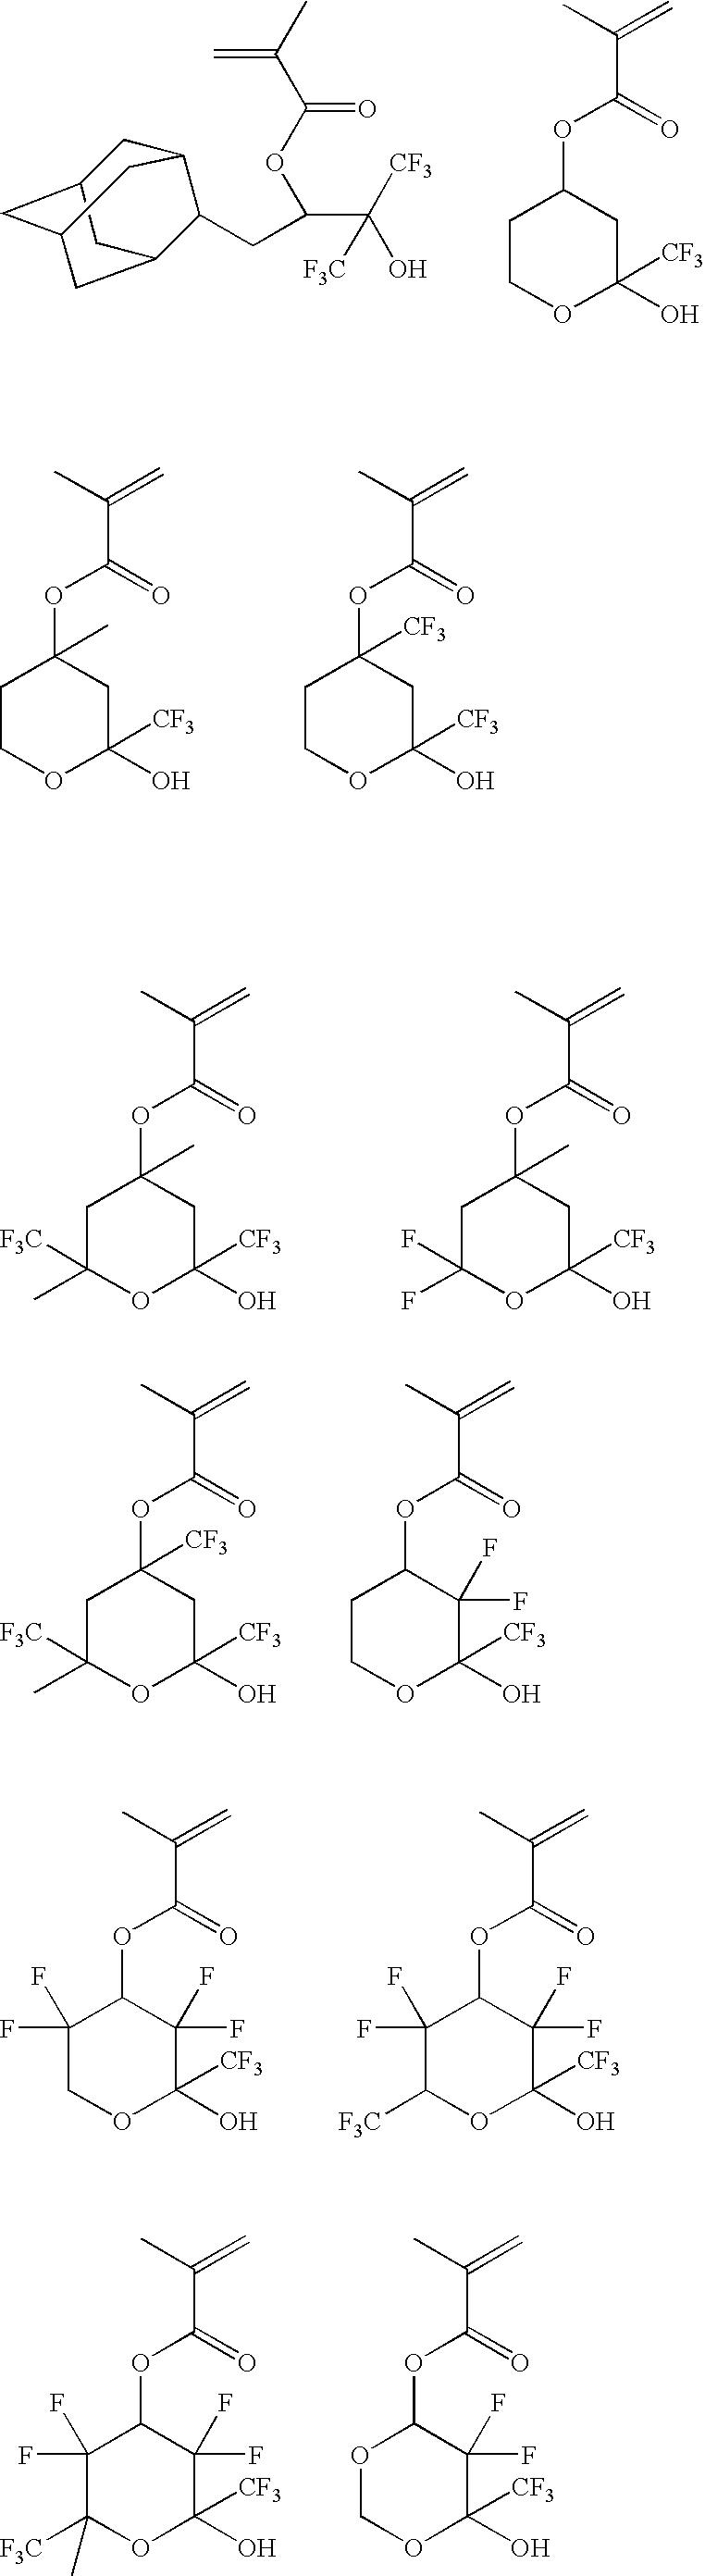 Figure US08129086-20120306-C00027